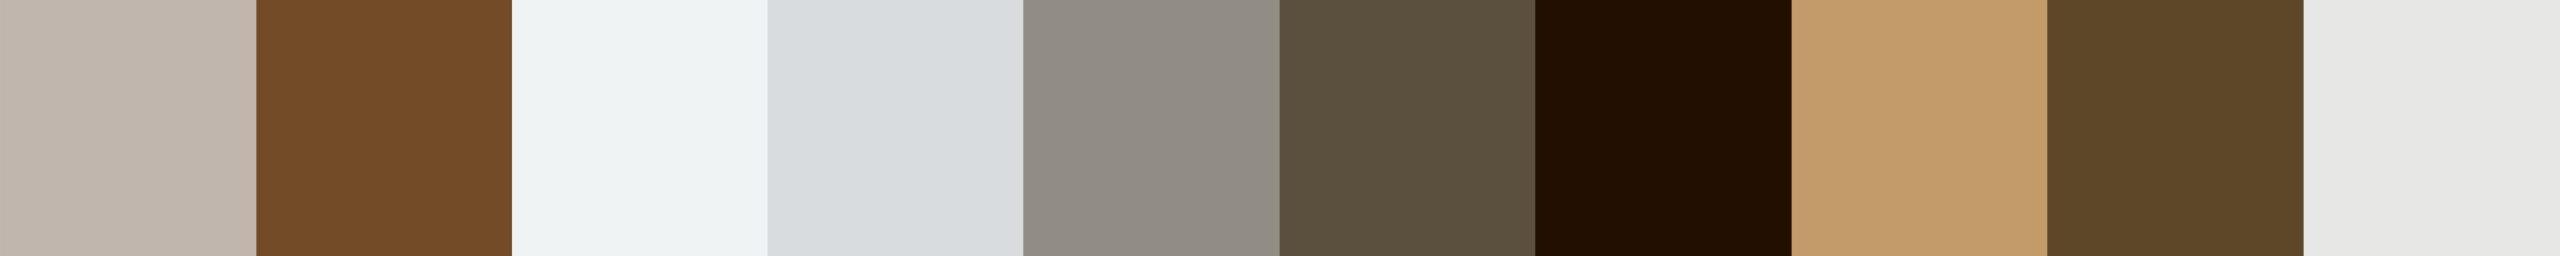 121 Archaia Color Palette